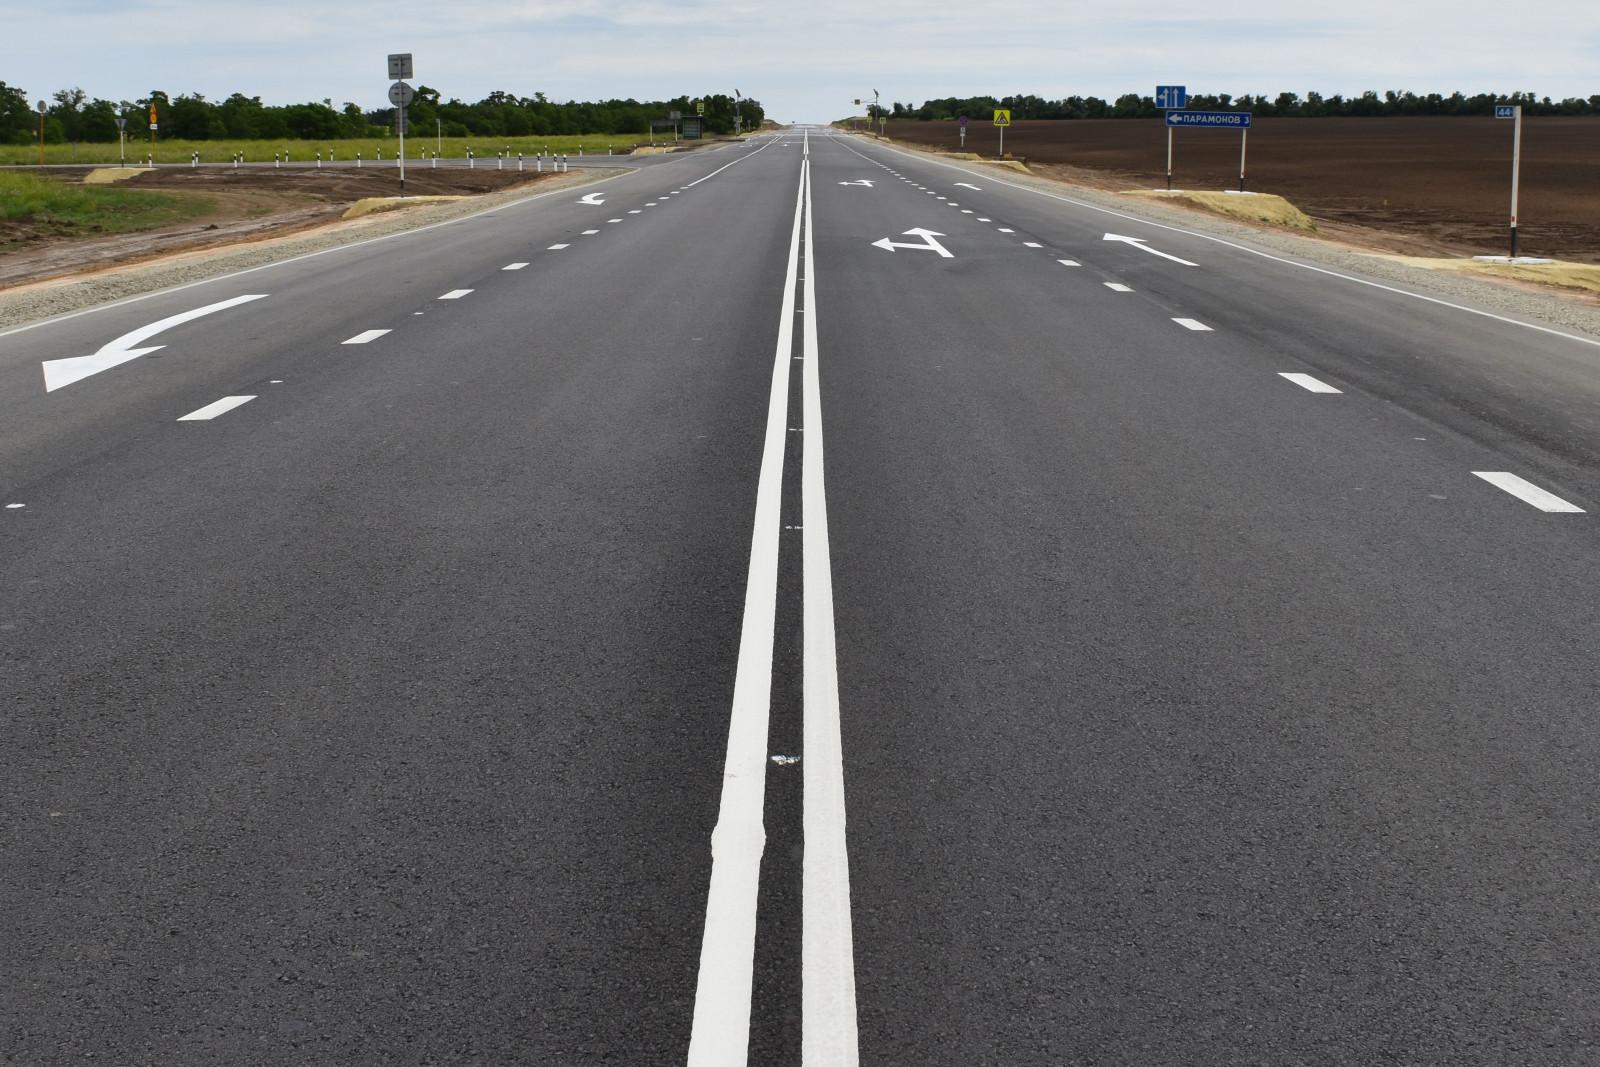 На дорогах Ростовской области по итогам 2020 года значительно снизилась аварийность